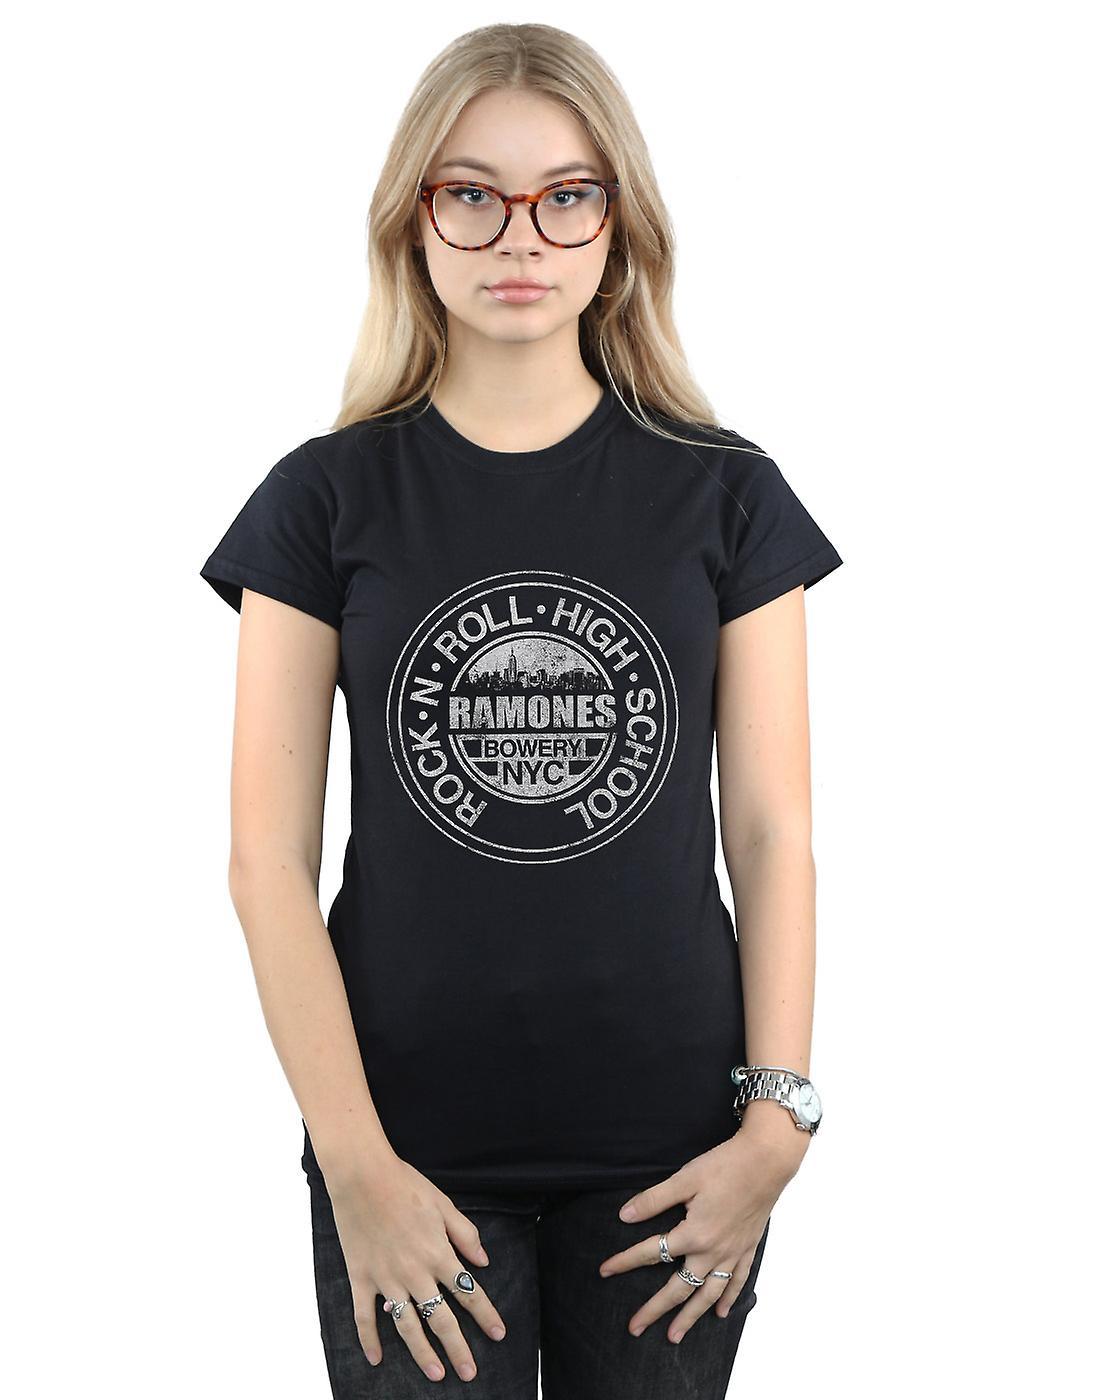 Ramones Women's Bowery NYC T-Shirt